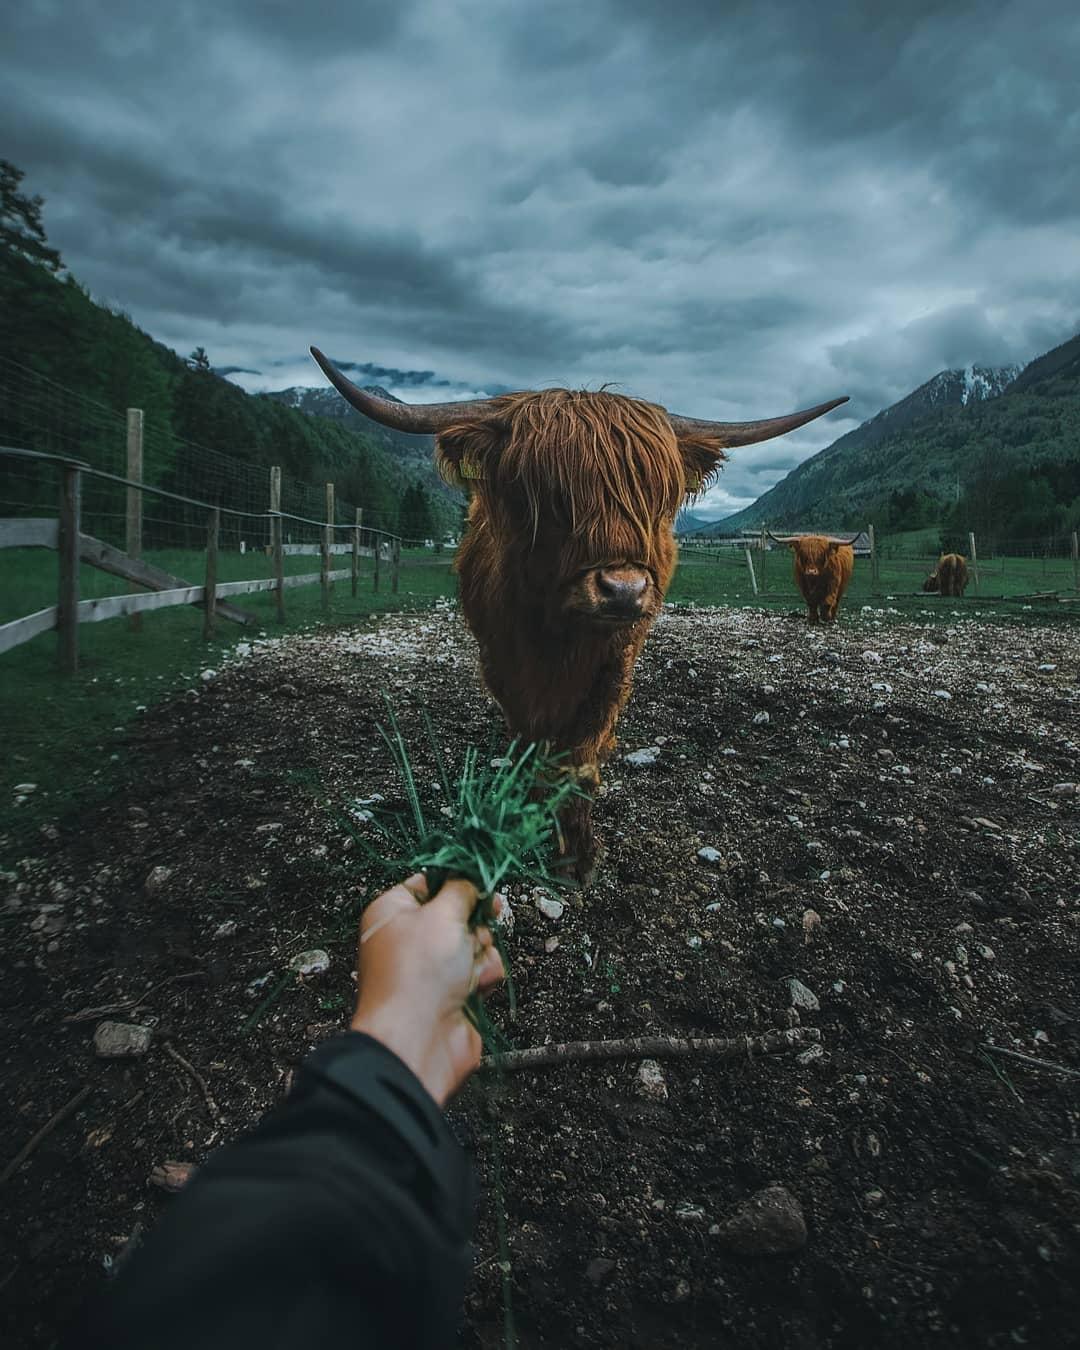 Природа, животные и путешествия на снимках Гарри Томляновича